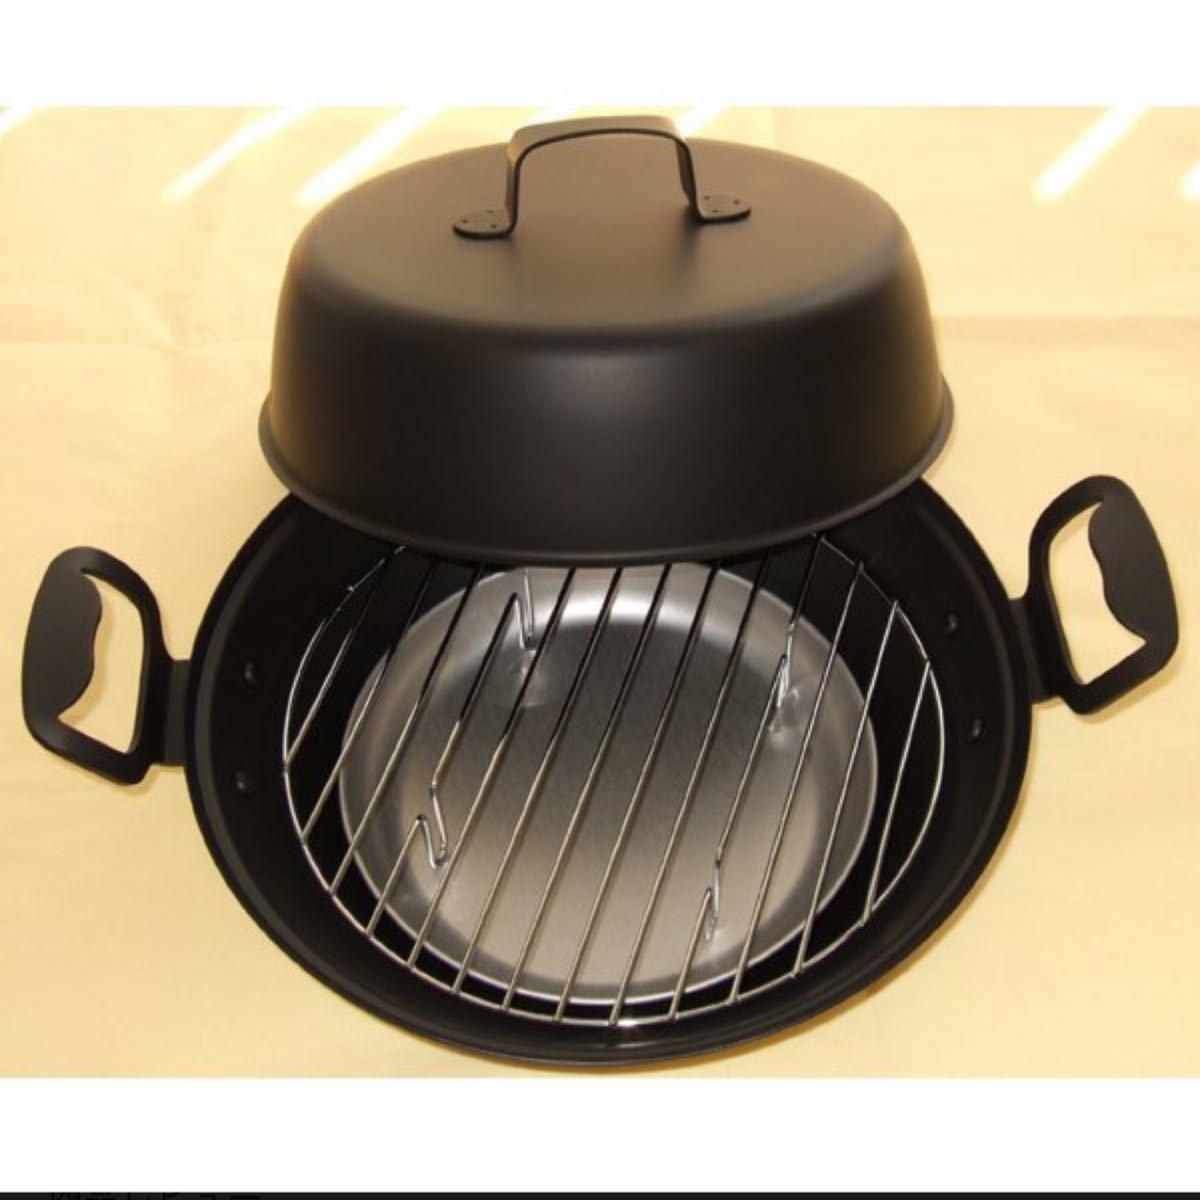 ベルモント鉄製 燻製鍋 27cm くん製 薫製 調理器具 クッカー キャンプ ソロキャンプ バーベキュー アウトドア  おまけ付き